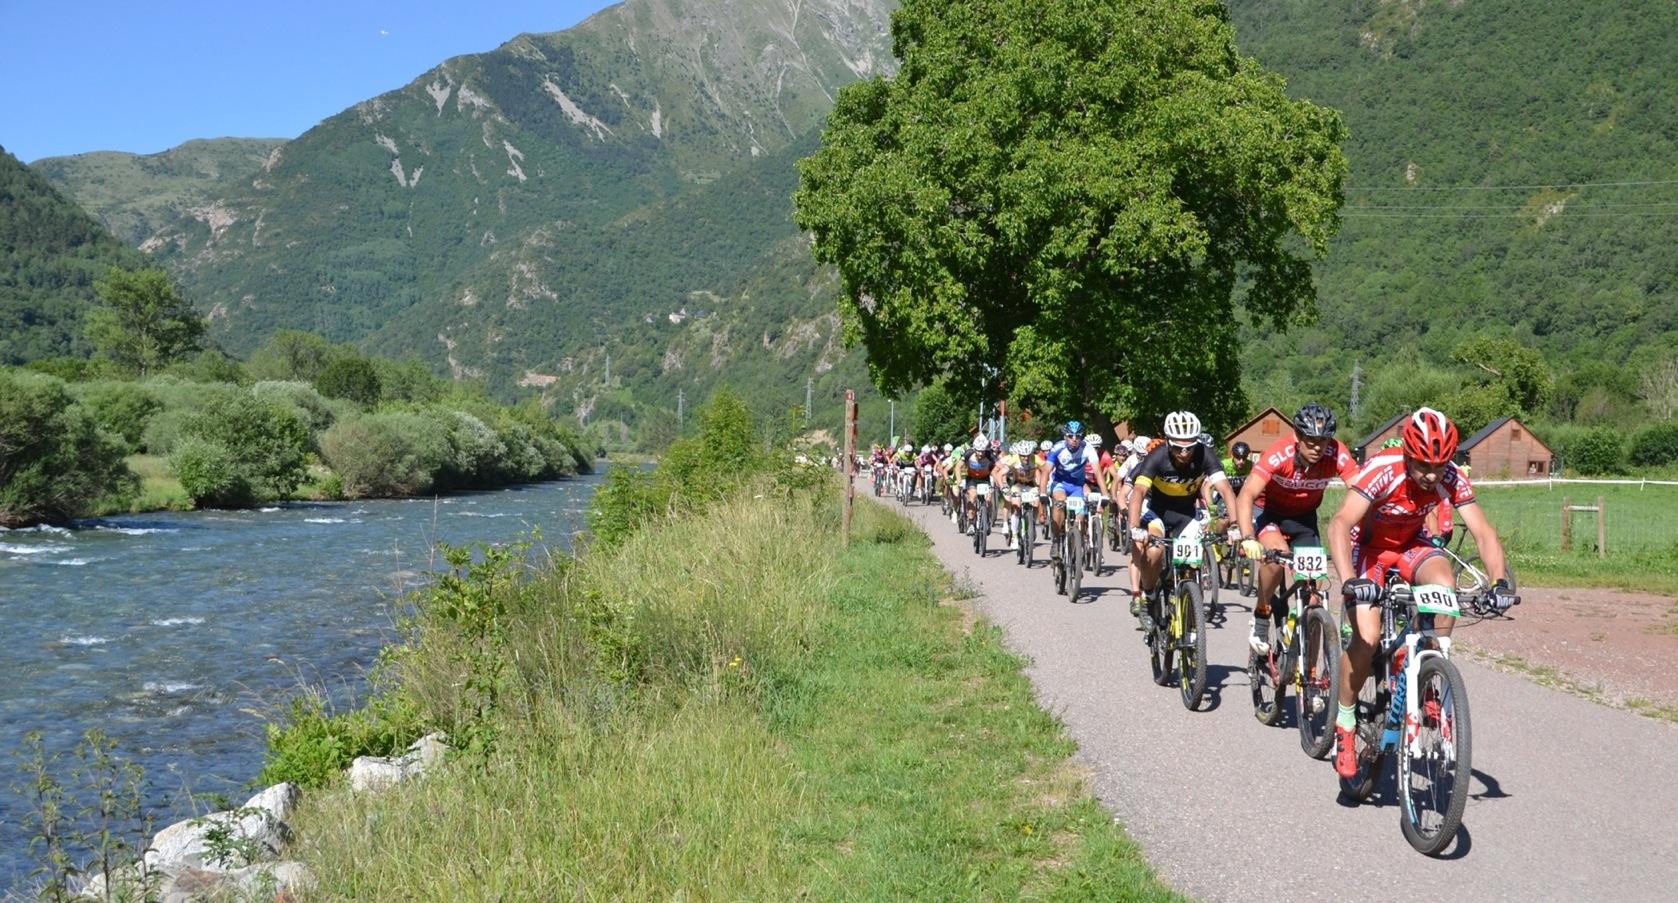 Preinscripcions obertes per a la Copa Catalana Internacional de BTT Biking Point de la Vall de Boí